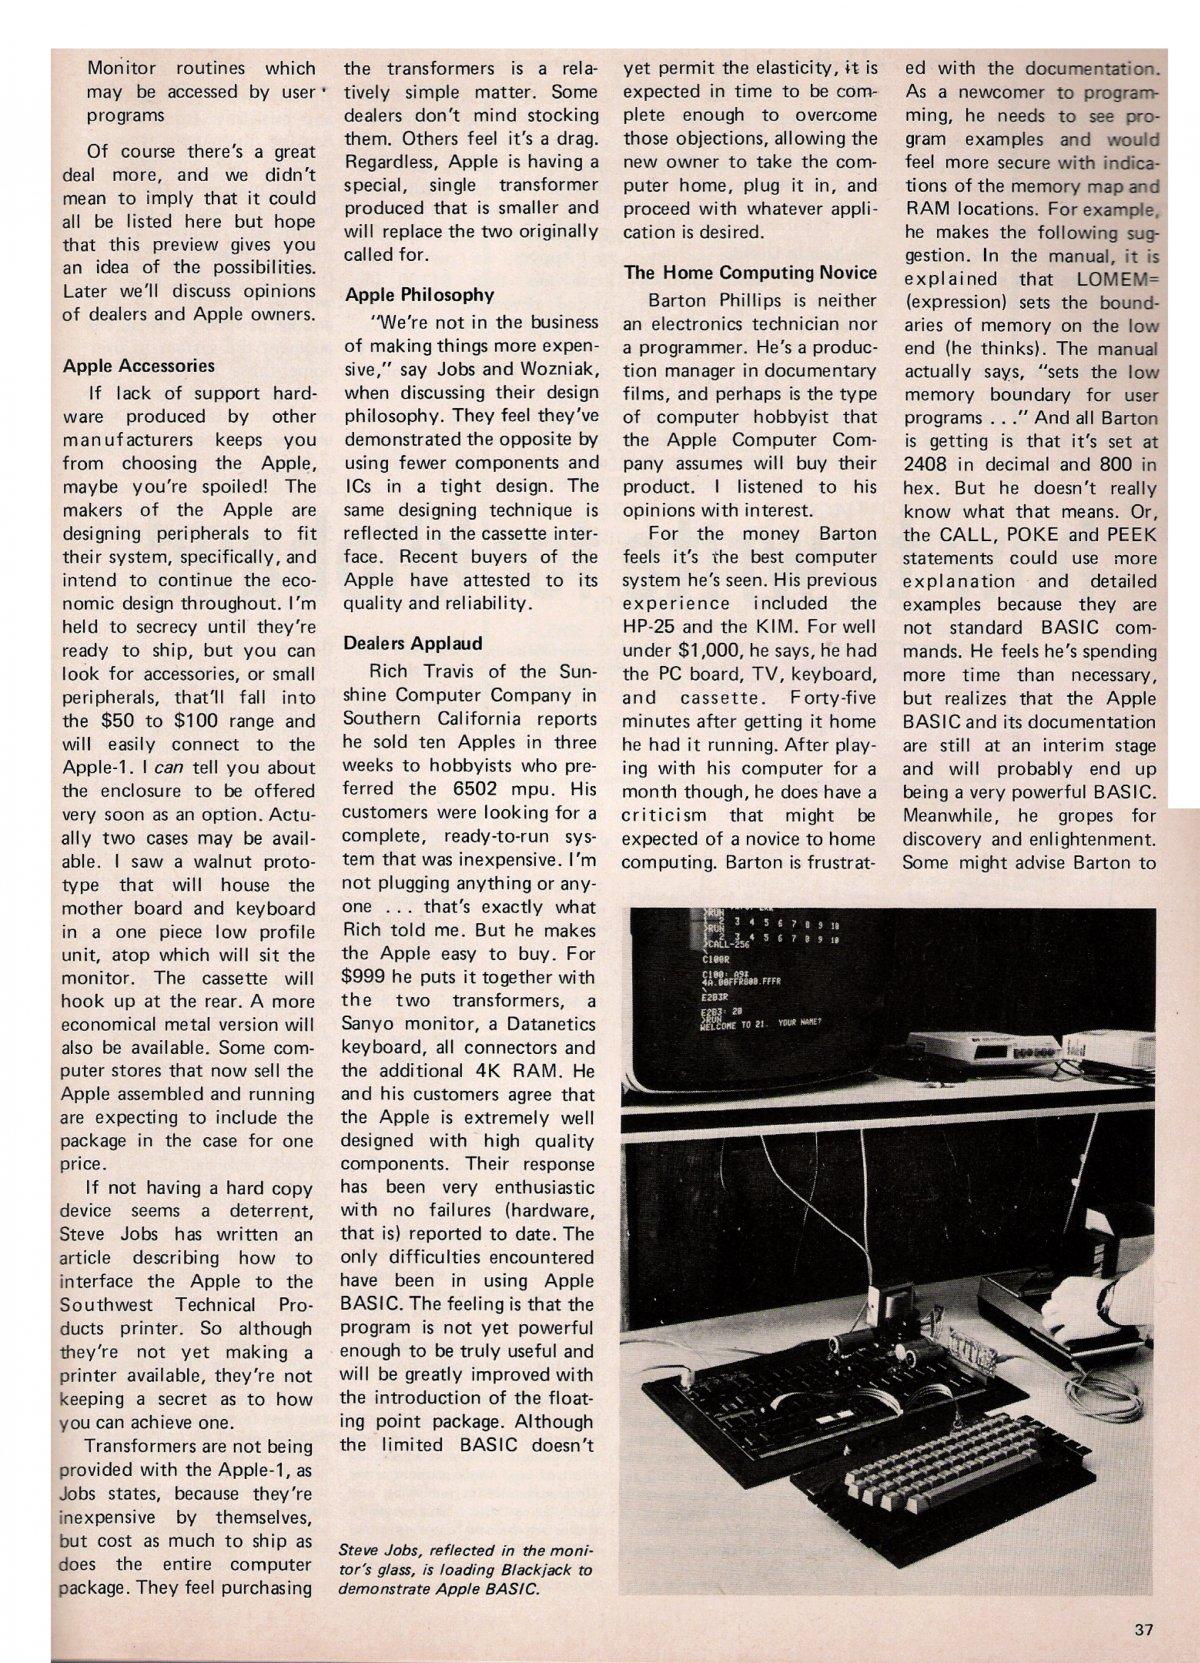 Primul articol despre Apple intr-un ziar 2